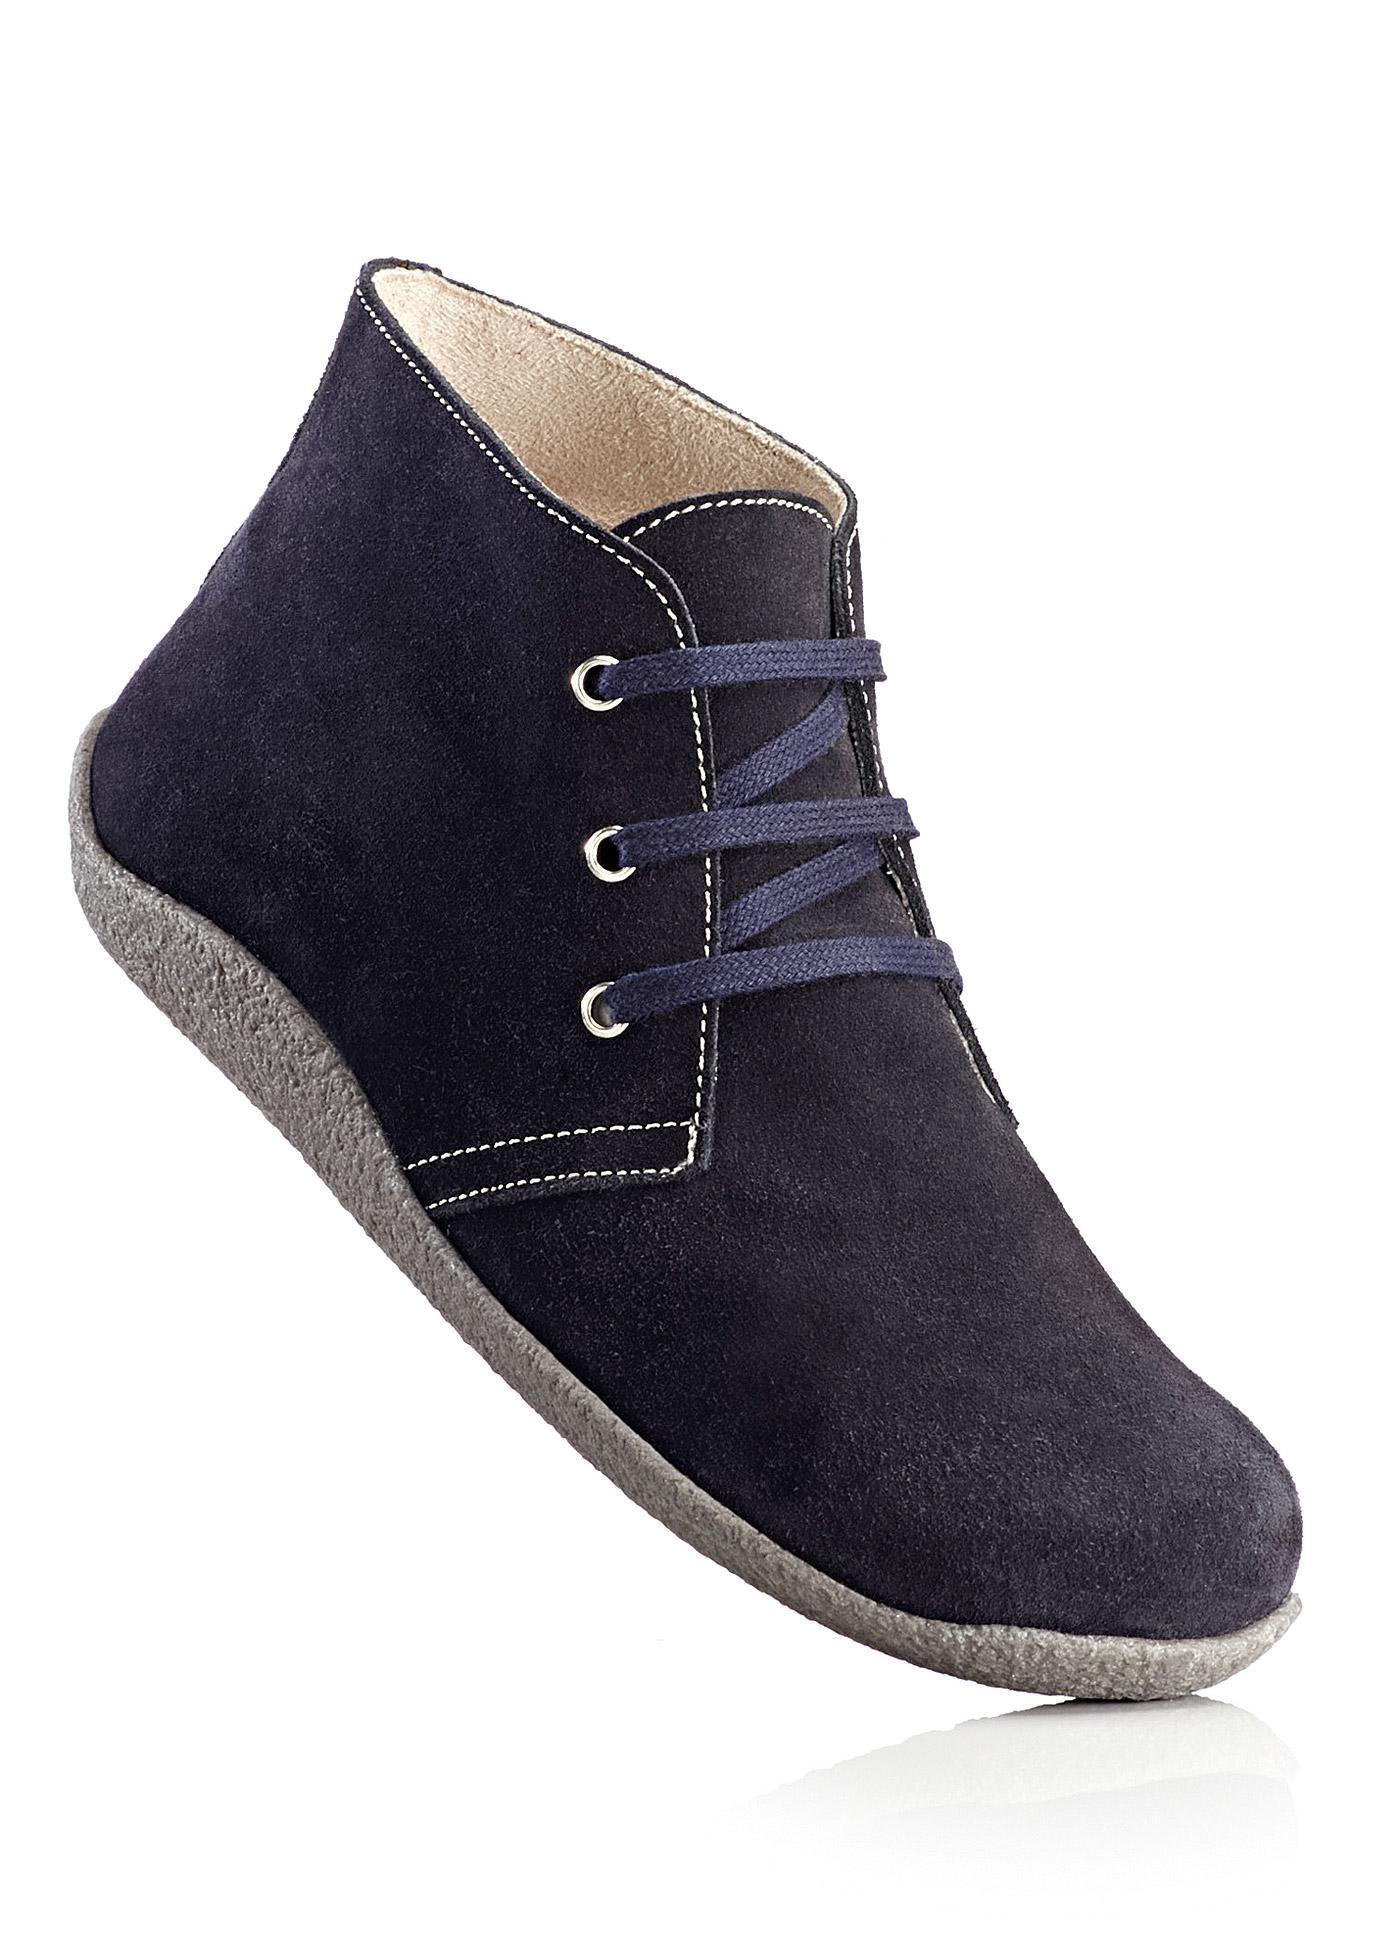 BioStep Lederstiefel in blau von bonprix Schuhe und Accessoires > Damenschuhe > Bequemschuhe